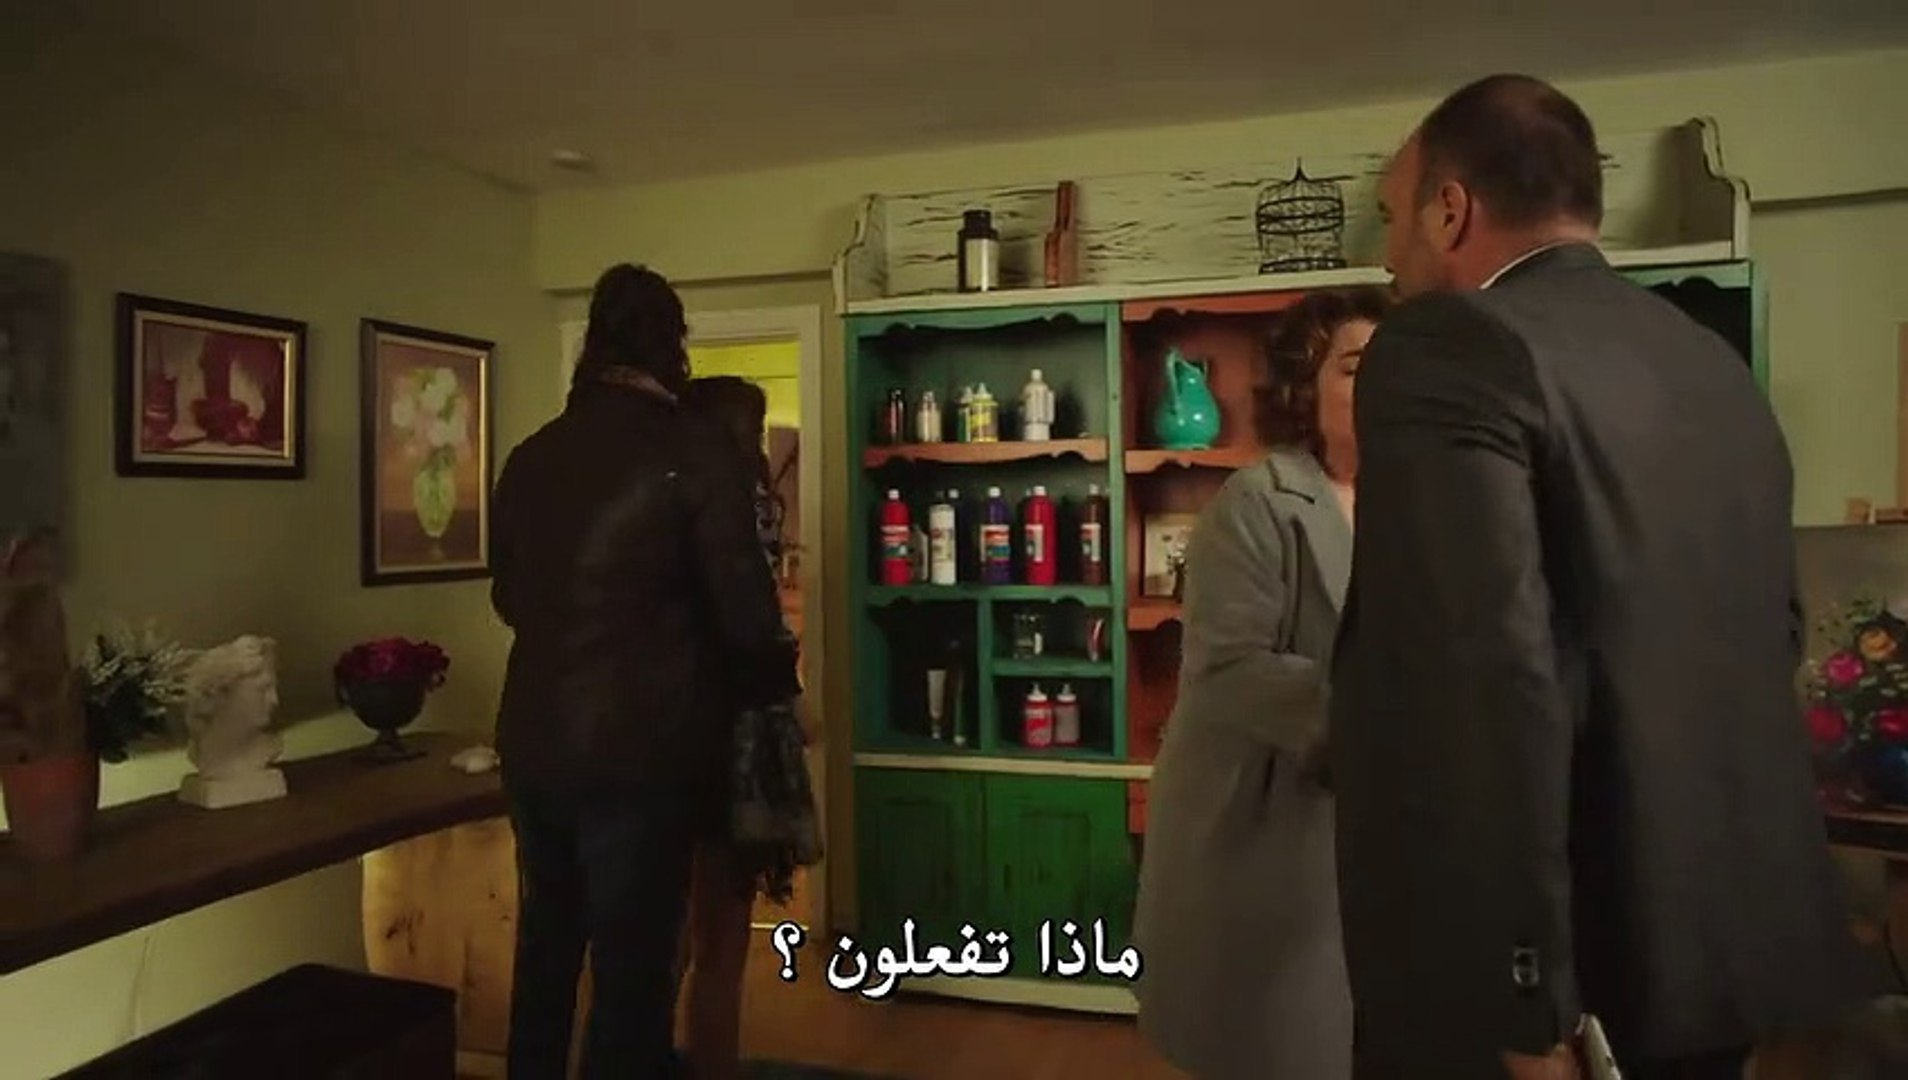 مسلسل زهرة الثالوث مترجم للعربية - الحلقة 25 - الجزء 1